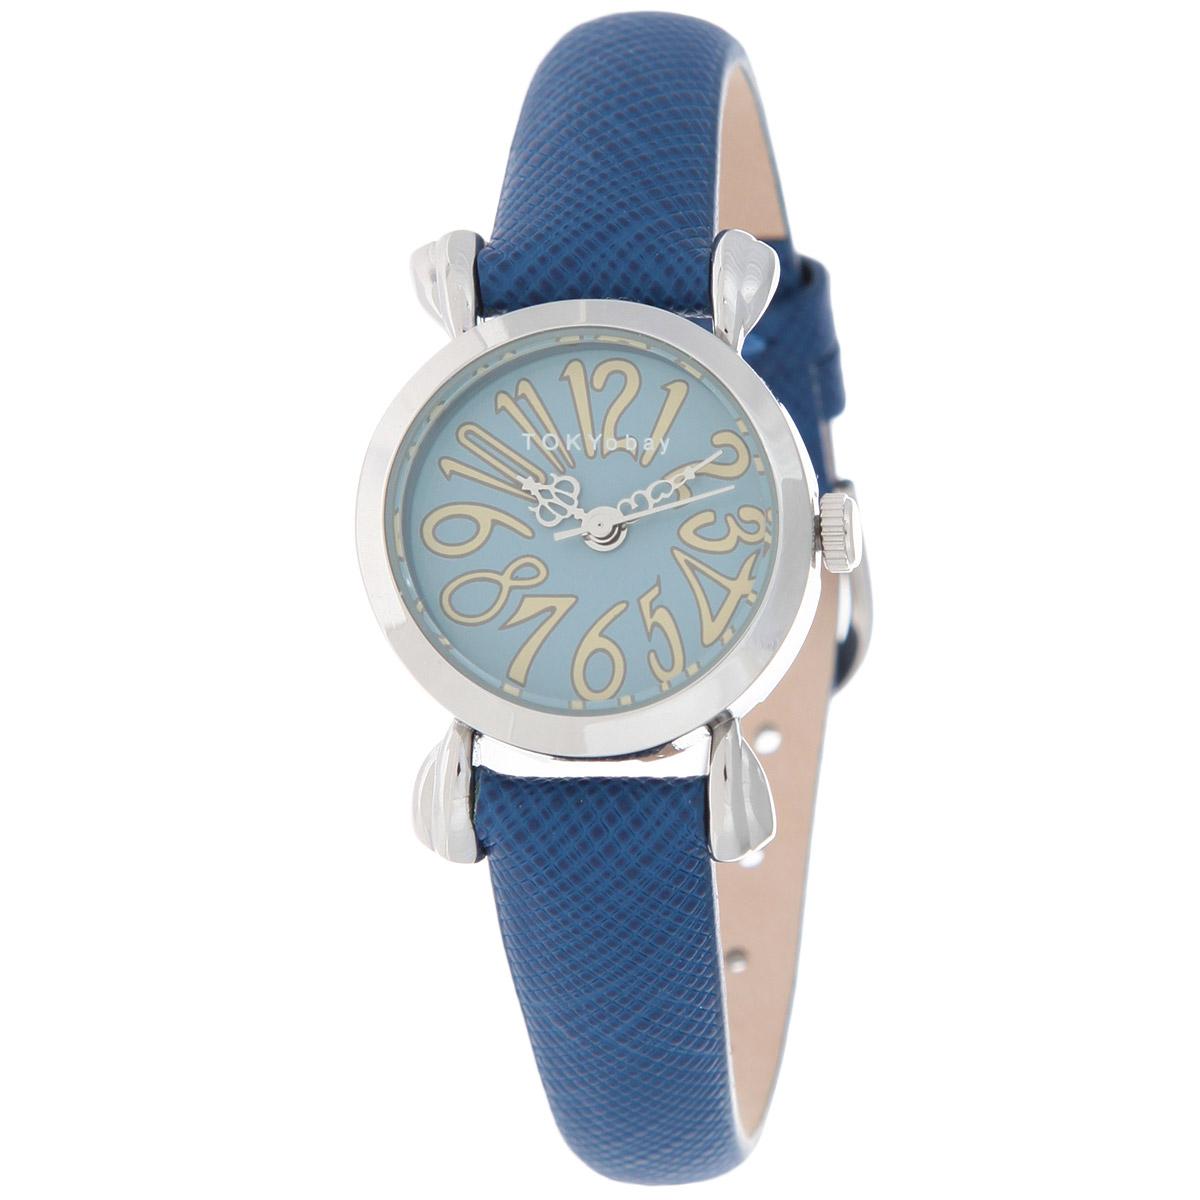 Часы женские наручные Tokyobay Opera, цвет: синий. T180-BLT180-BLНаручные часы Tokyobay - это стильное дополнение к вашему неповторимому образу. Эти часы созданы для современных женщин, ценящих стиль, качество и практичность. Часы оснащены японским кварцевым механизмом Miyota. Задняя крышка изготовлена из нержавеющей стали. Корпус изготовлен из металла. Циферблат оформлен крупными декоративными арабскими цифрами, имеются часовая, минутная и секундная стрелки. Ремешок выполнен из натуральной кожи, декорирован мелким тиснением, застегивается на классическую застежку-пряжку. Часы Tokyobay - это практичный и модный аксессуар, который подчеркнет ваш безупречный вкус. Характеристики: Корпус: 2,3 х 2,3 х 0,7 см. Размер ремешка: 17 х 1,1 см. Не содержит никель. Не водостойкие.